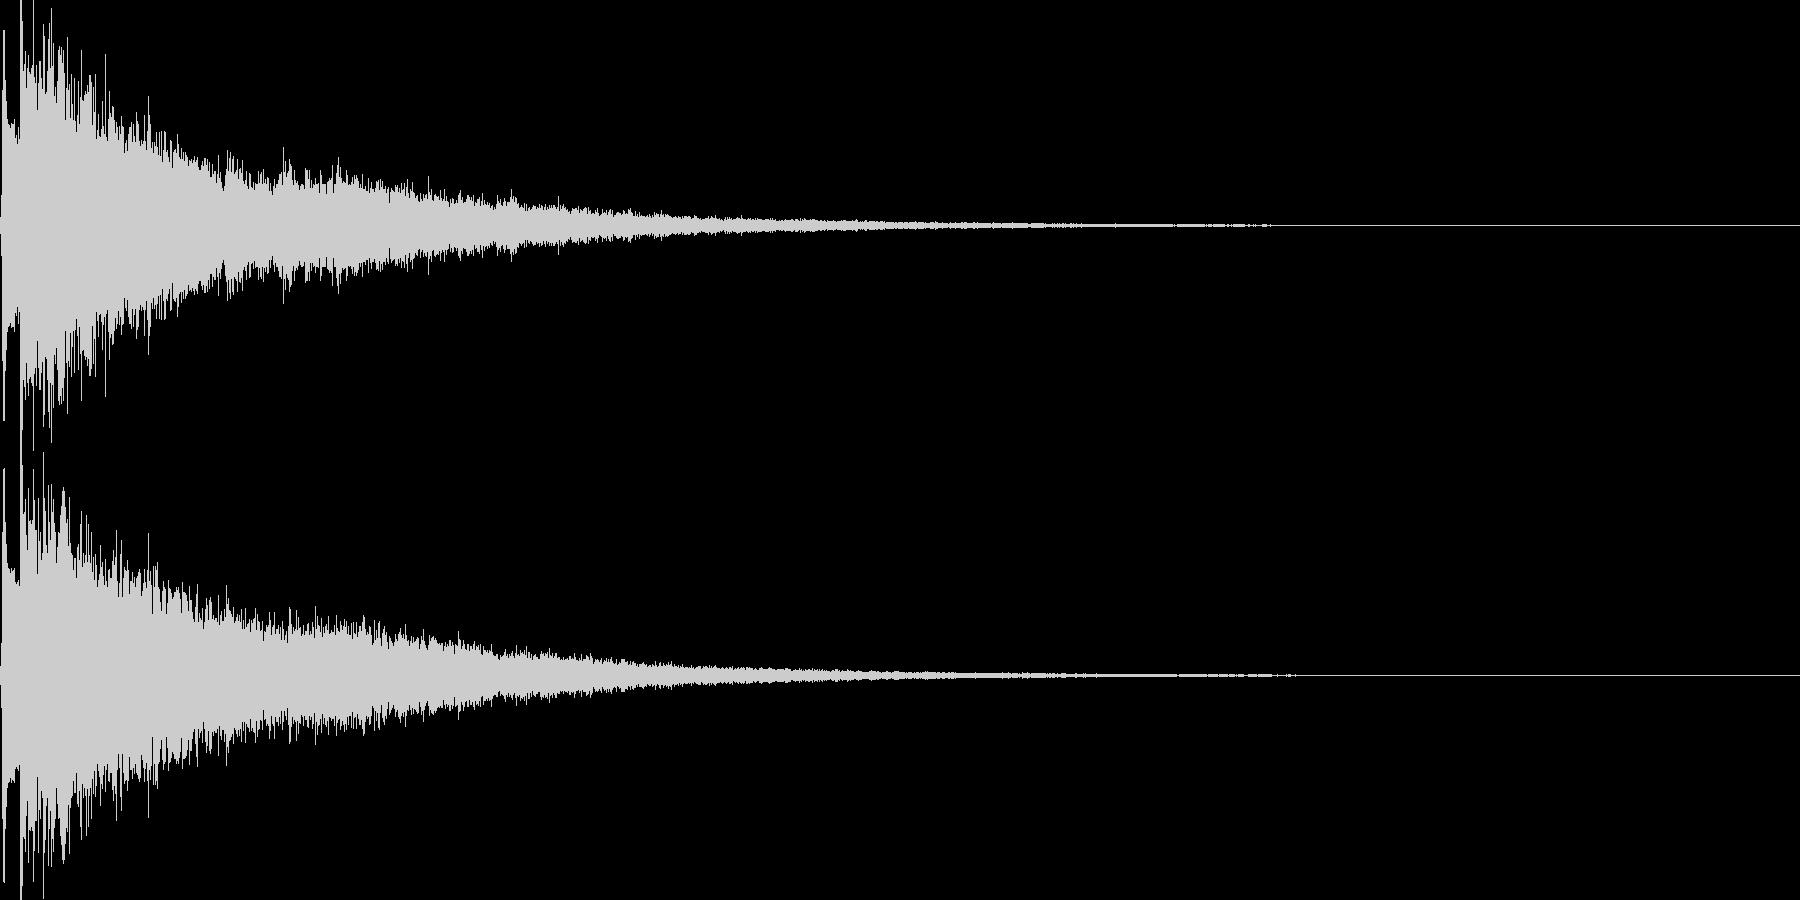 かわいい系 キラキラ系 光る音06の未再生の波形